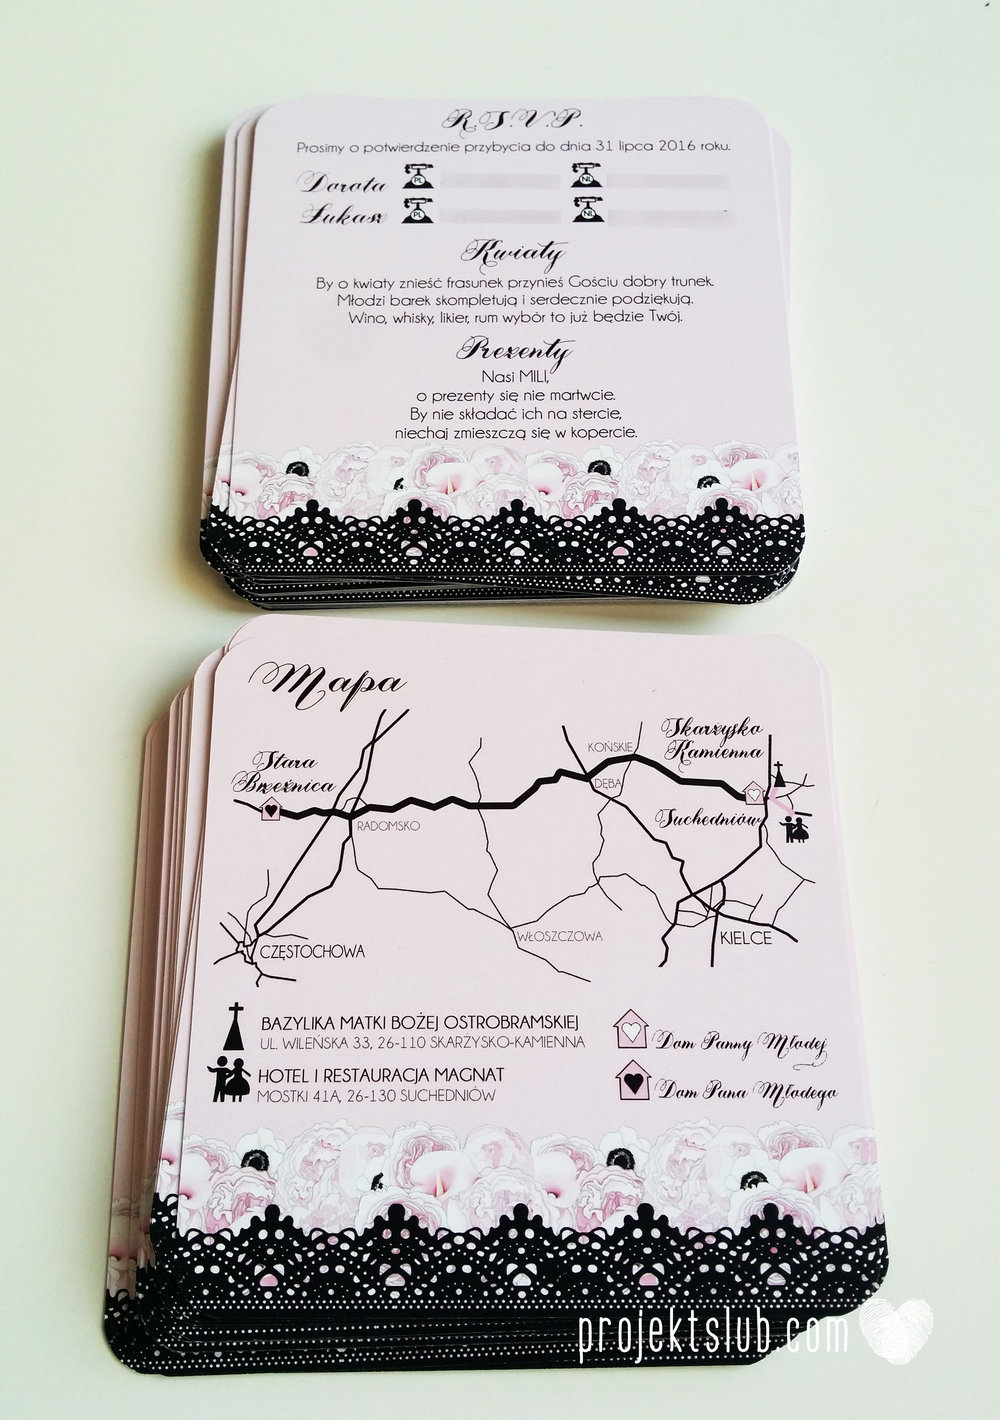 Eleganckie zaproszenia ślubne rysunek pary młodej róż i czerń glamour koronkowe pastelowe Projekt ŚLub (5).jpg